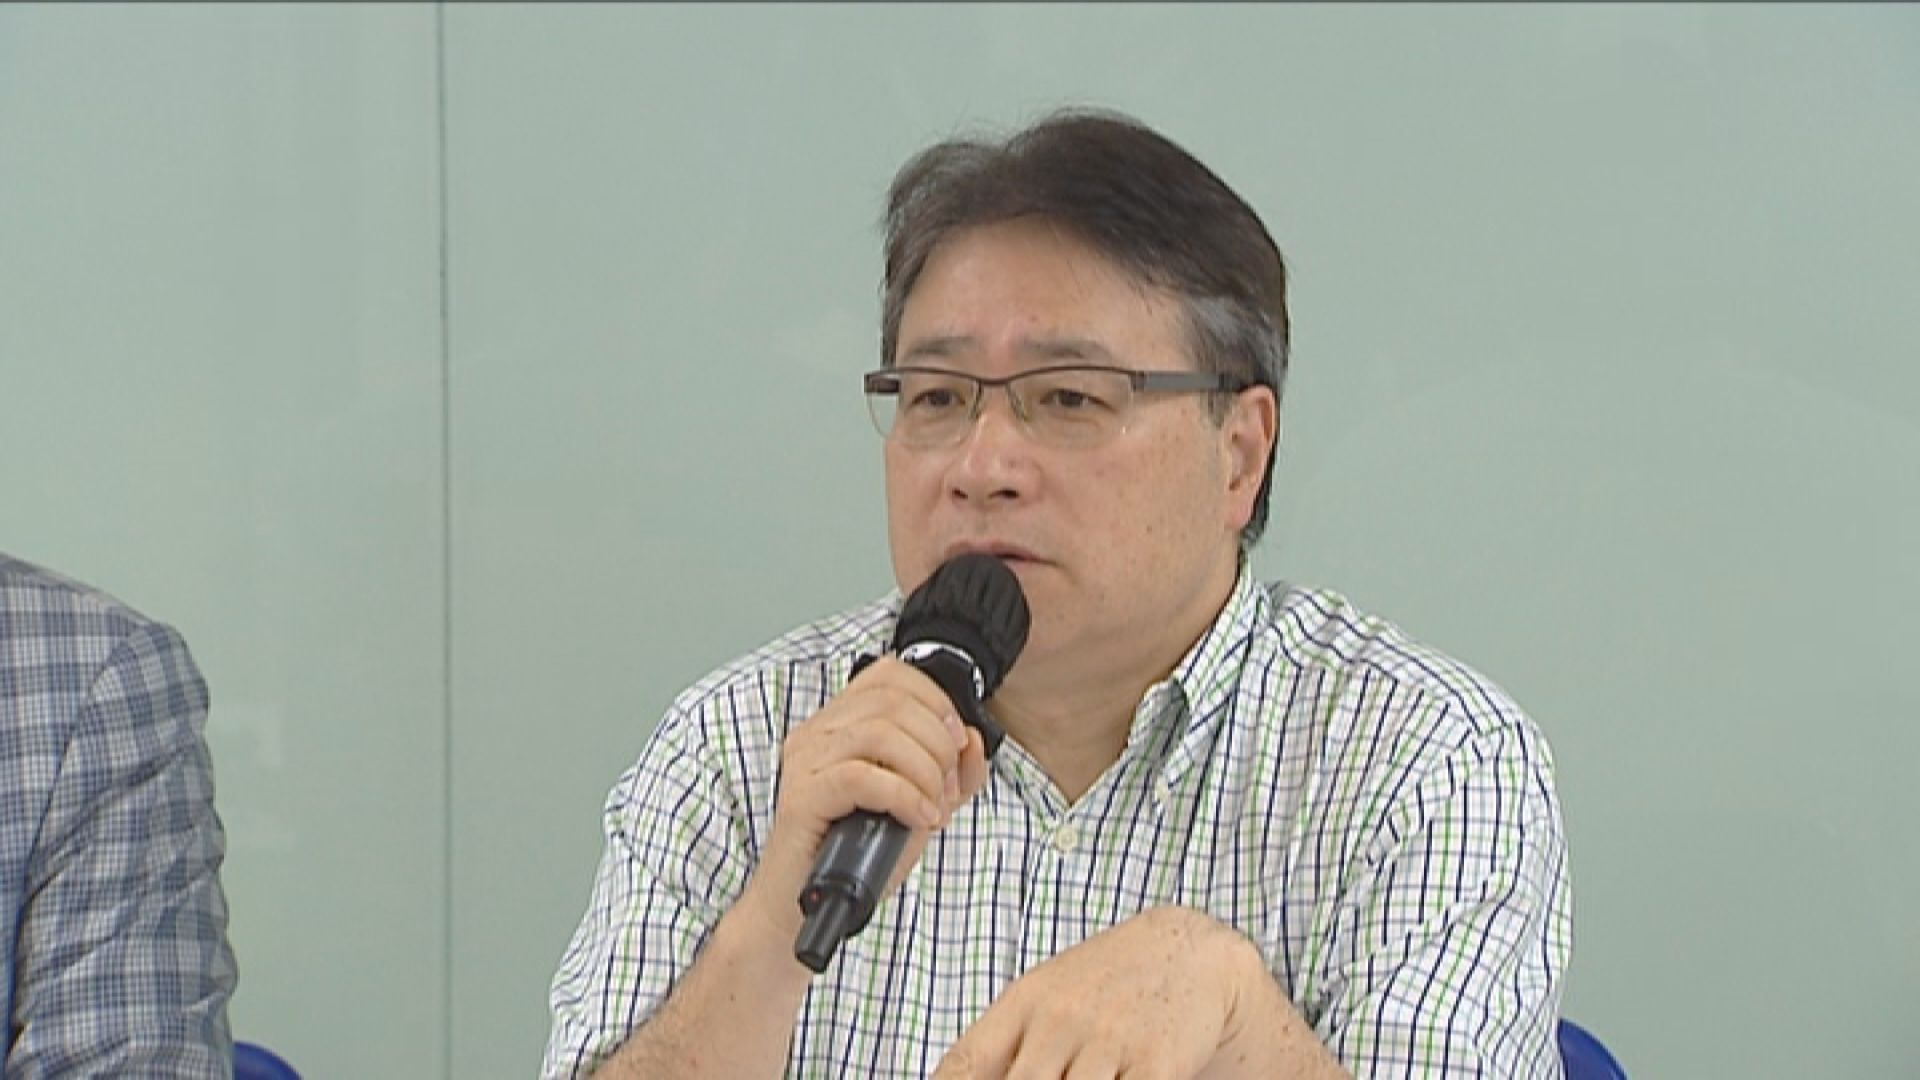 李華明:民主黨若不參選立法會選舉應解散